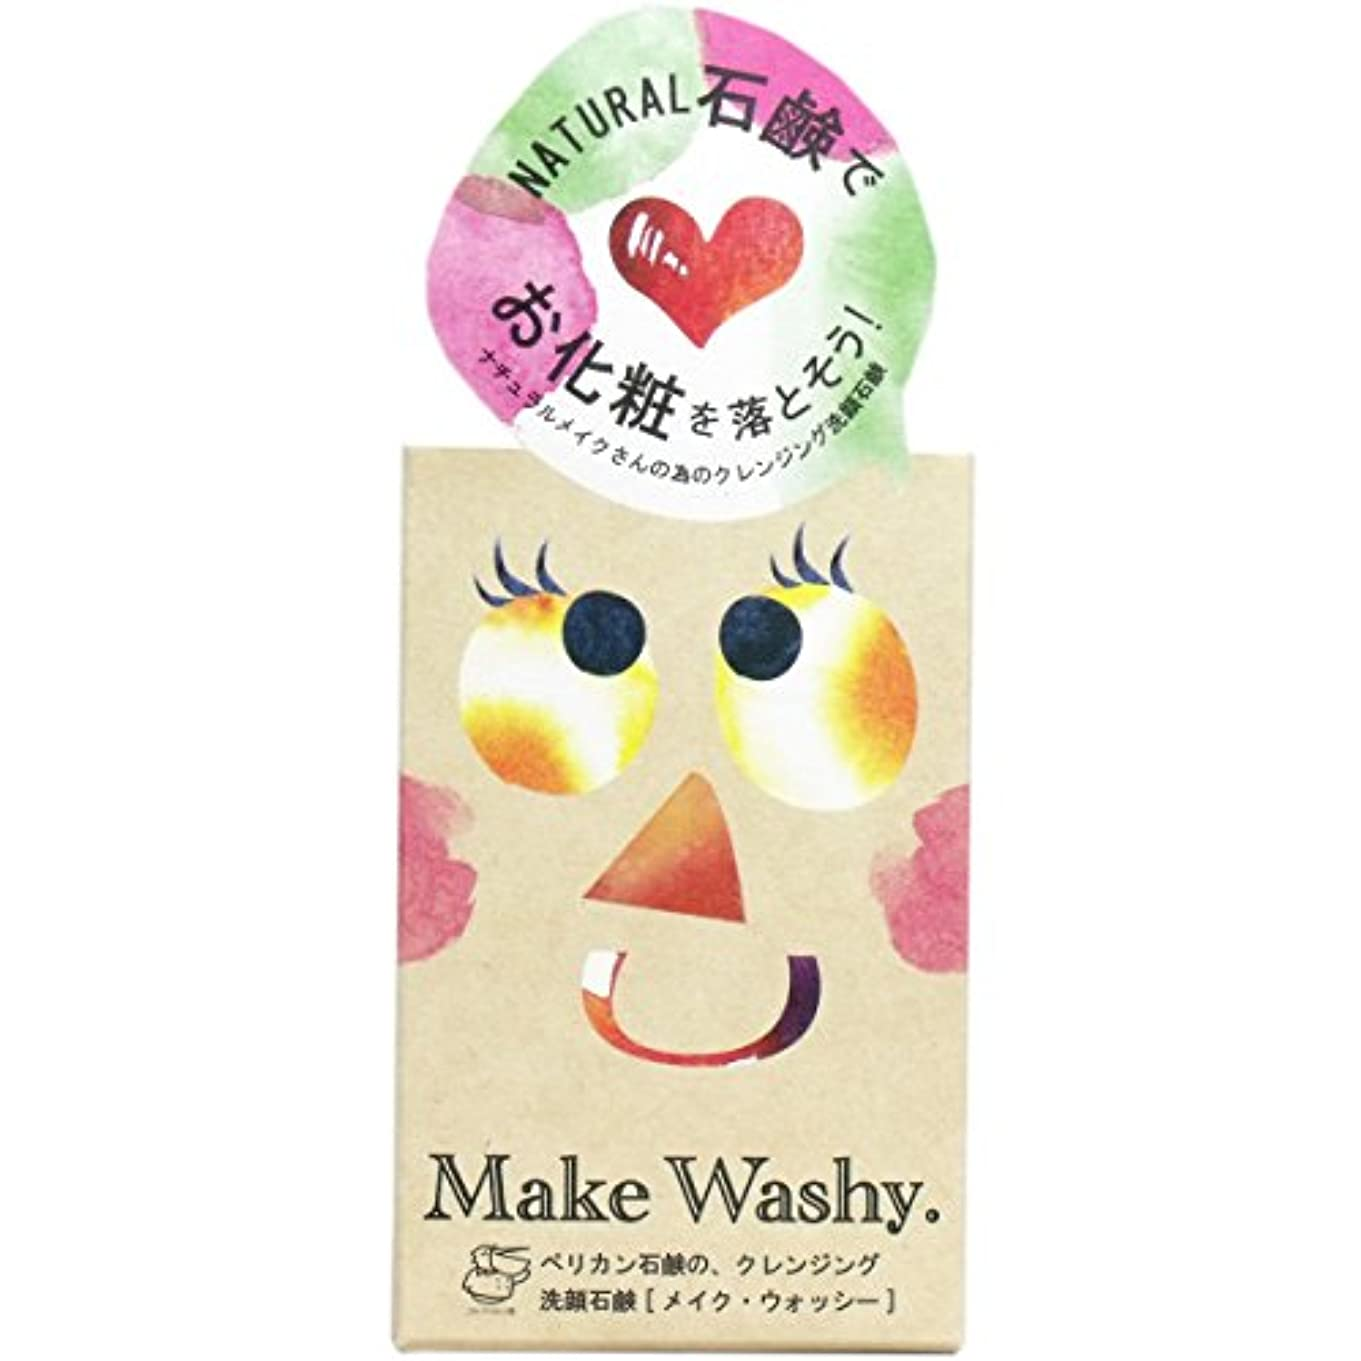 節約する懸念ラッシュ【まとめ買い】メイクウォッシー 洗顔石鹸【×2個】